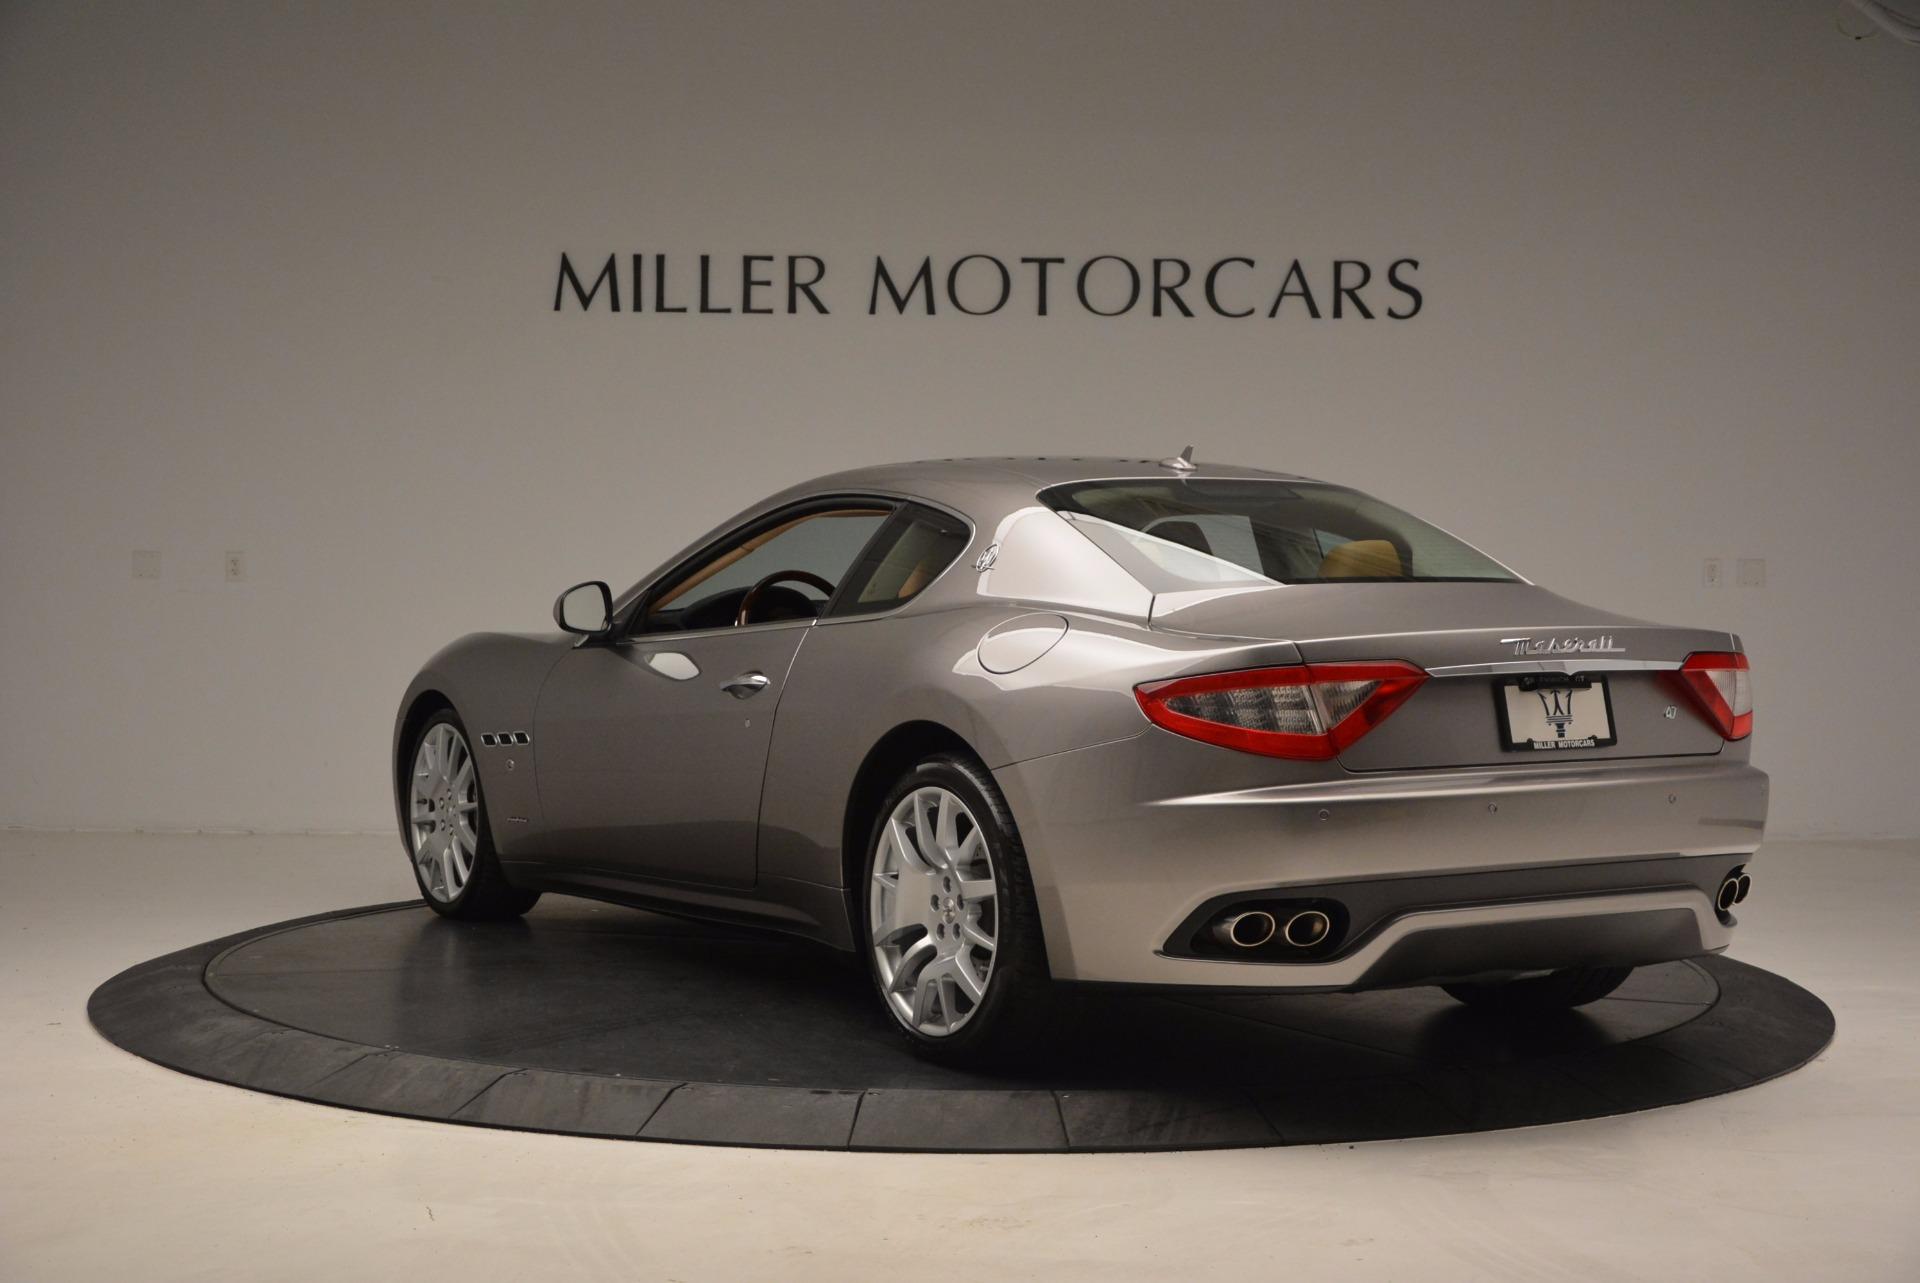 Used 2009 Maserati GranTurismo S For Sale In Greenwich, CT 1063_p5